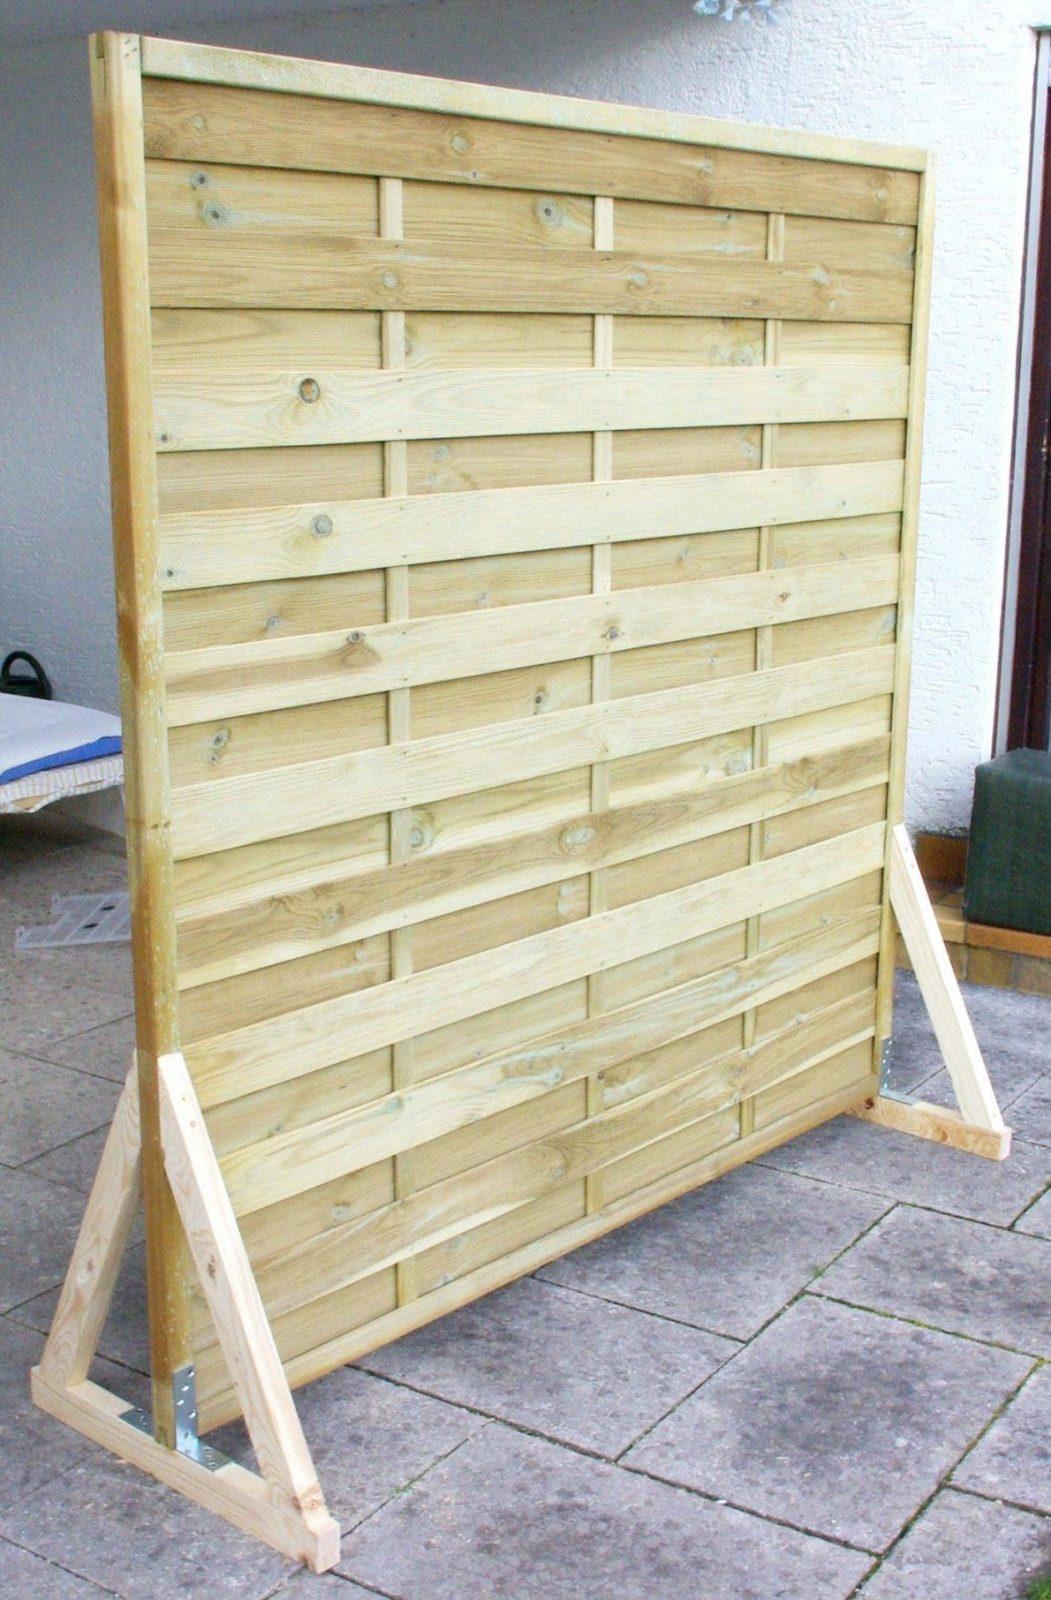 sichtschutz selber machen paravent garten balkon bauen anleitung diy von paravent selber bauen. Black Bedroom Furniture Sets. Home Design Ideas